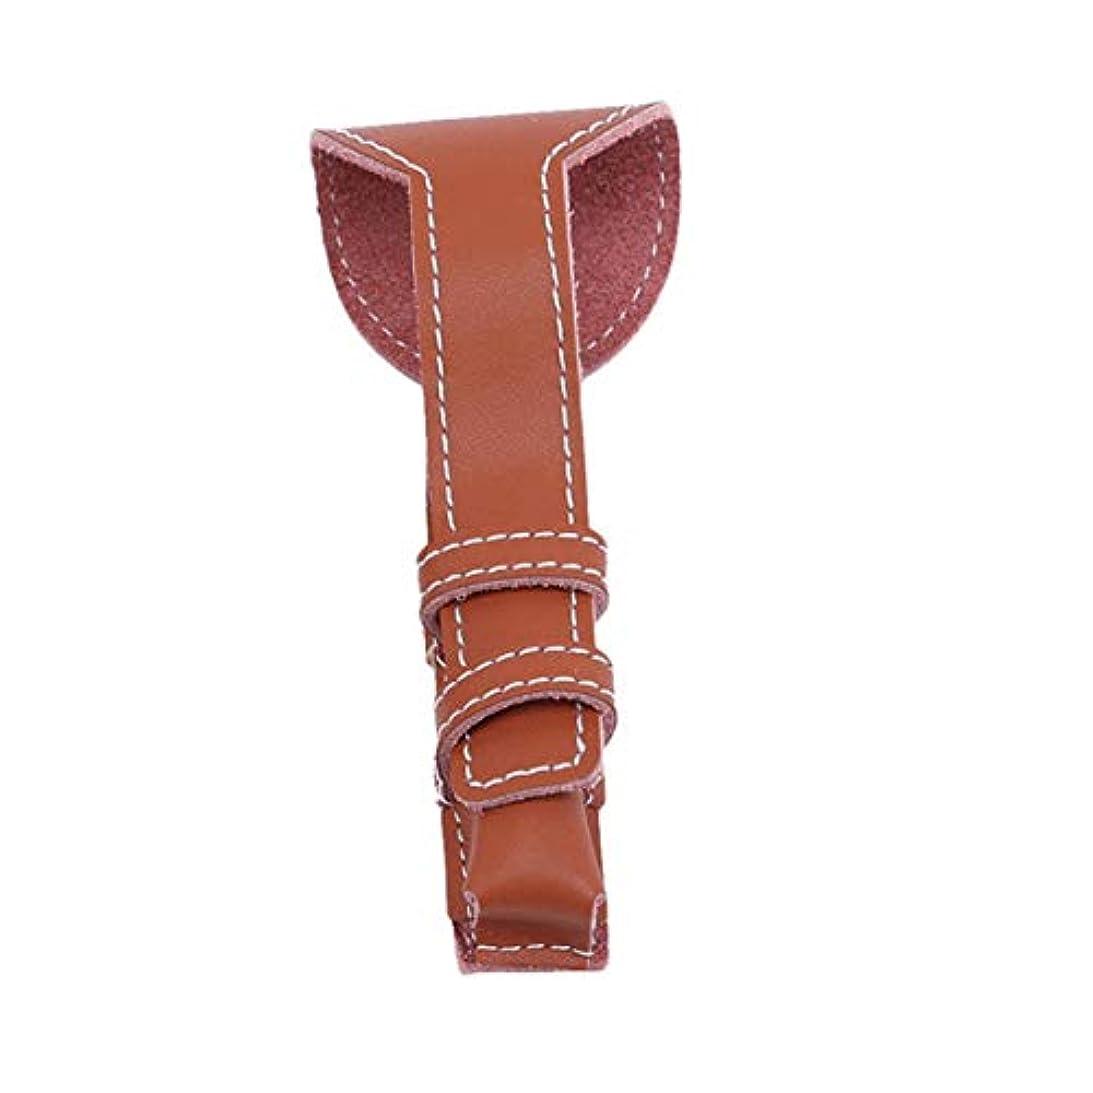 ローマ人スクラップ武器WEIHEEシェーバーカバーダブルエッジ安全かみそり保護カバーシェービングポーチホルダーバッグトラベルケースブラウン